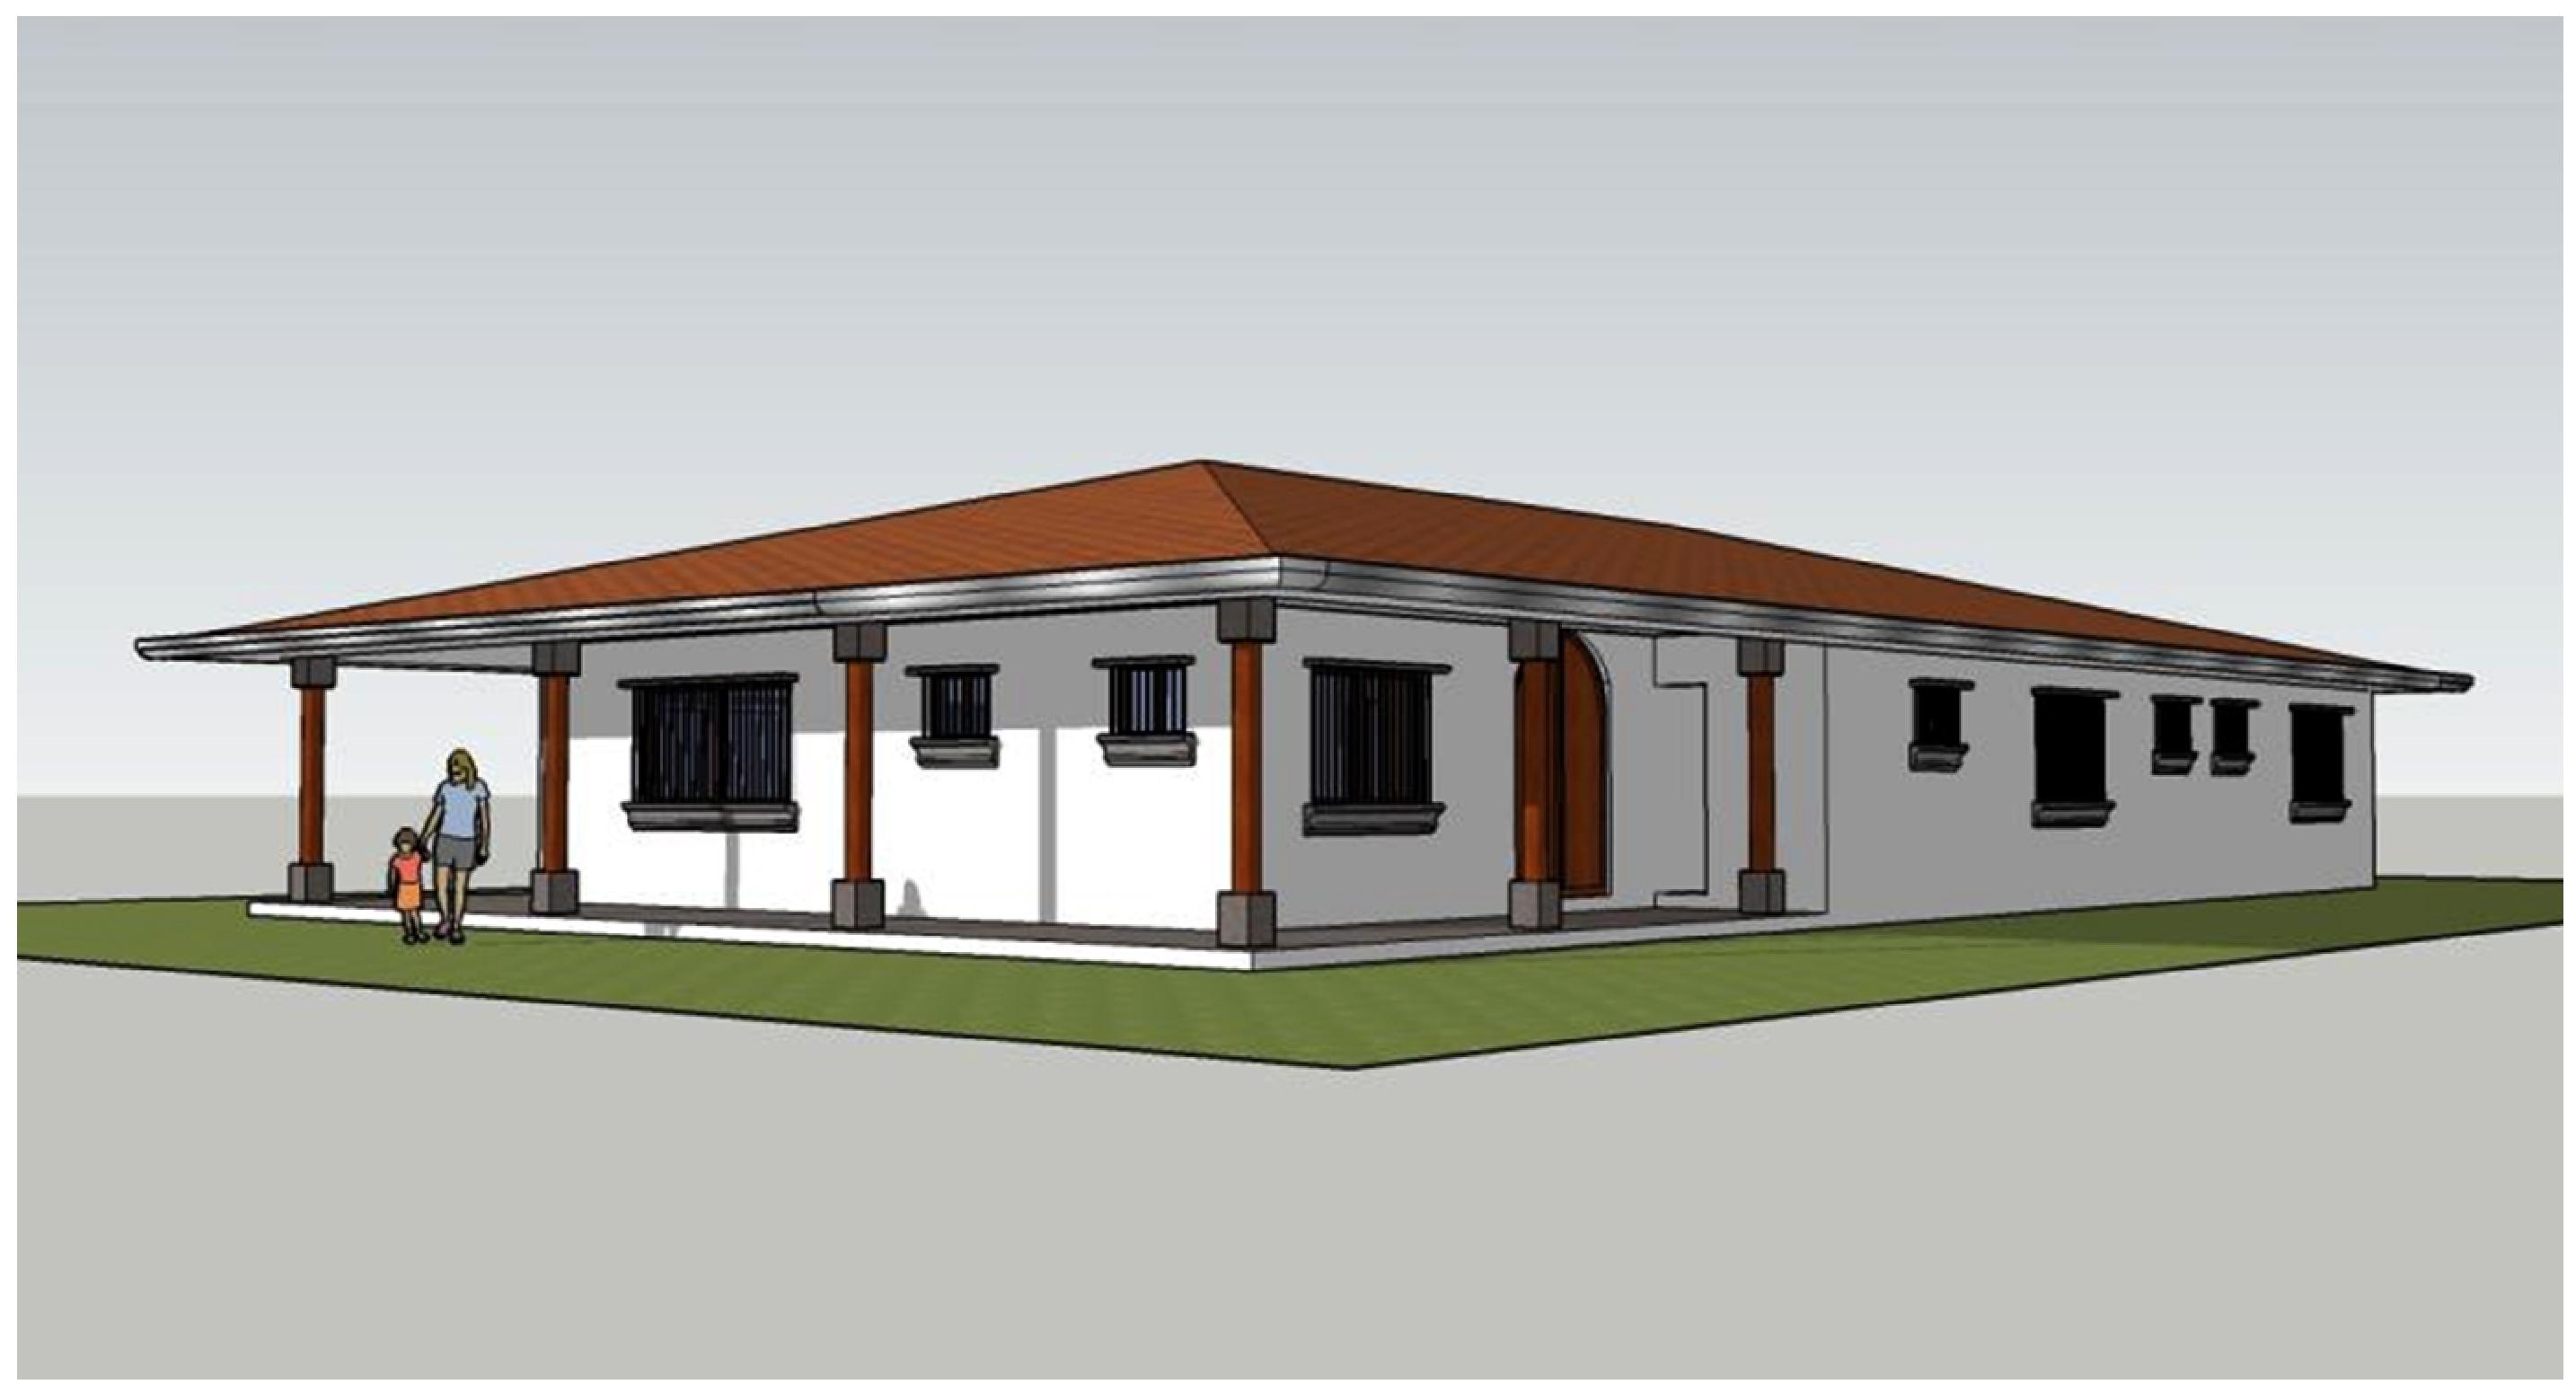 Nuestro proyecto empieza a tomar forma - Casas tipo colonial ...